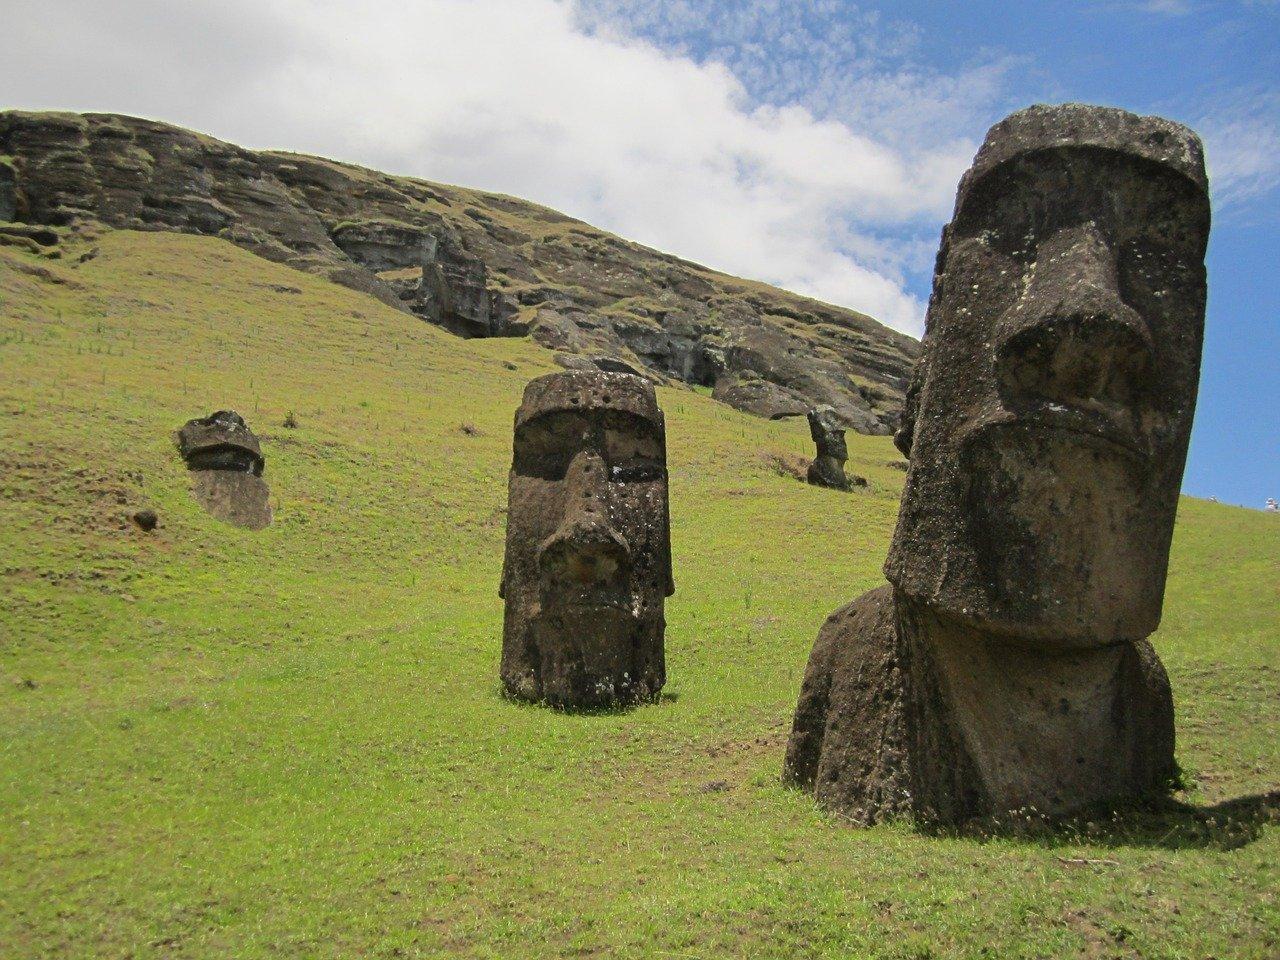 Демографический кризис не явился причиной упадка цивилизации острова Пасхи